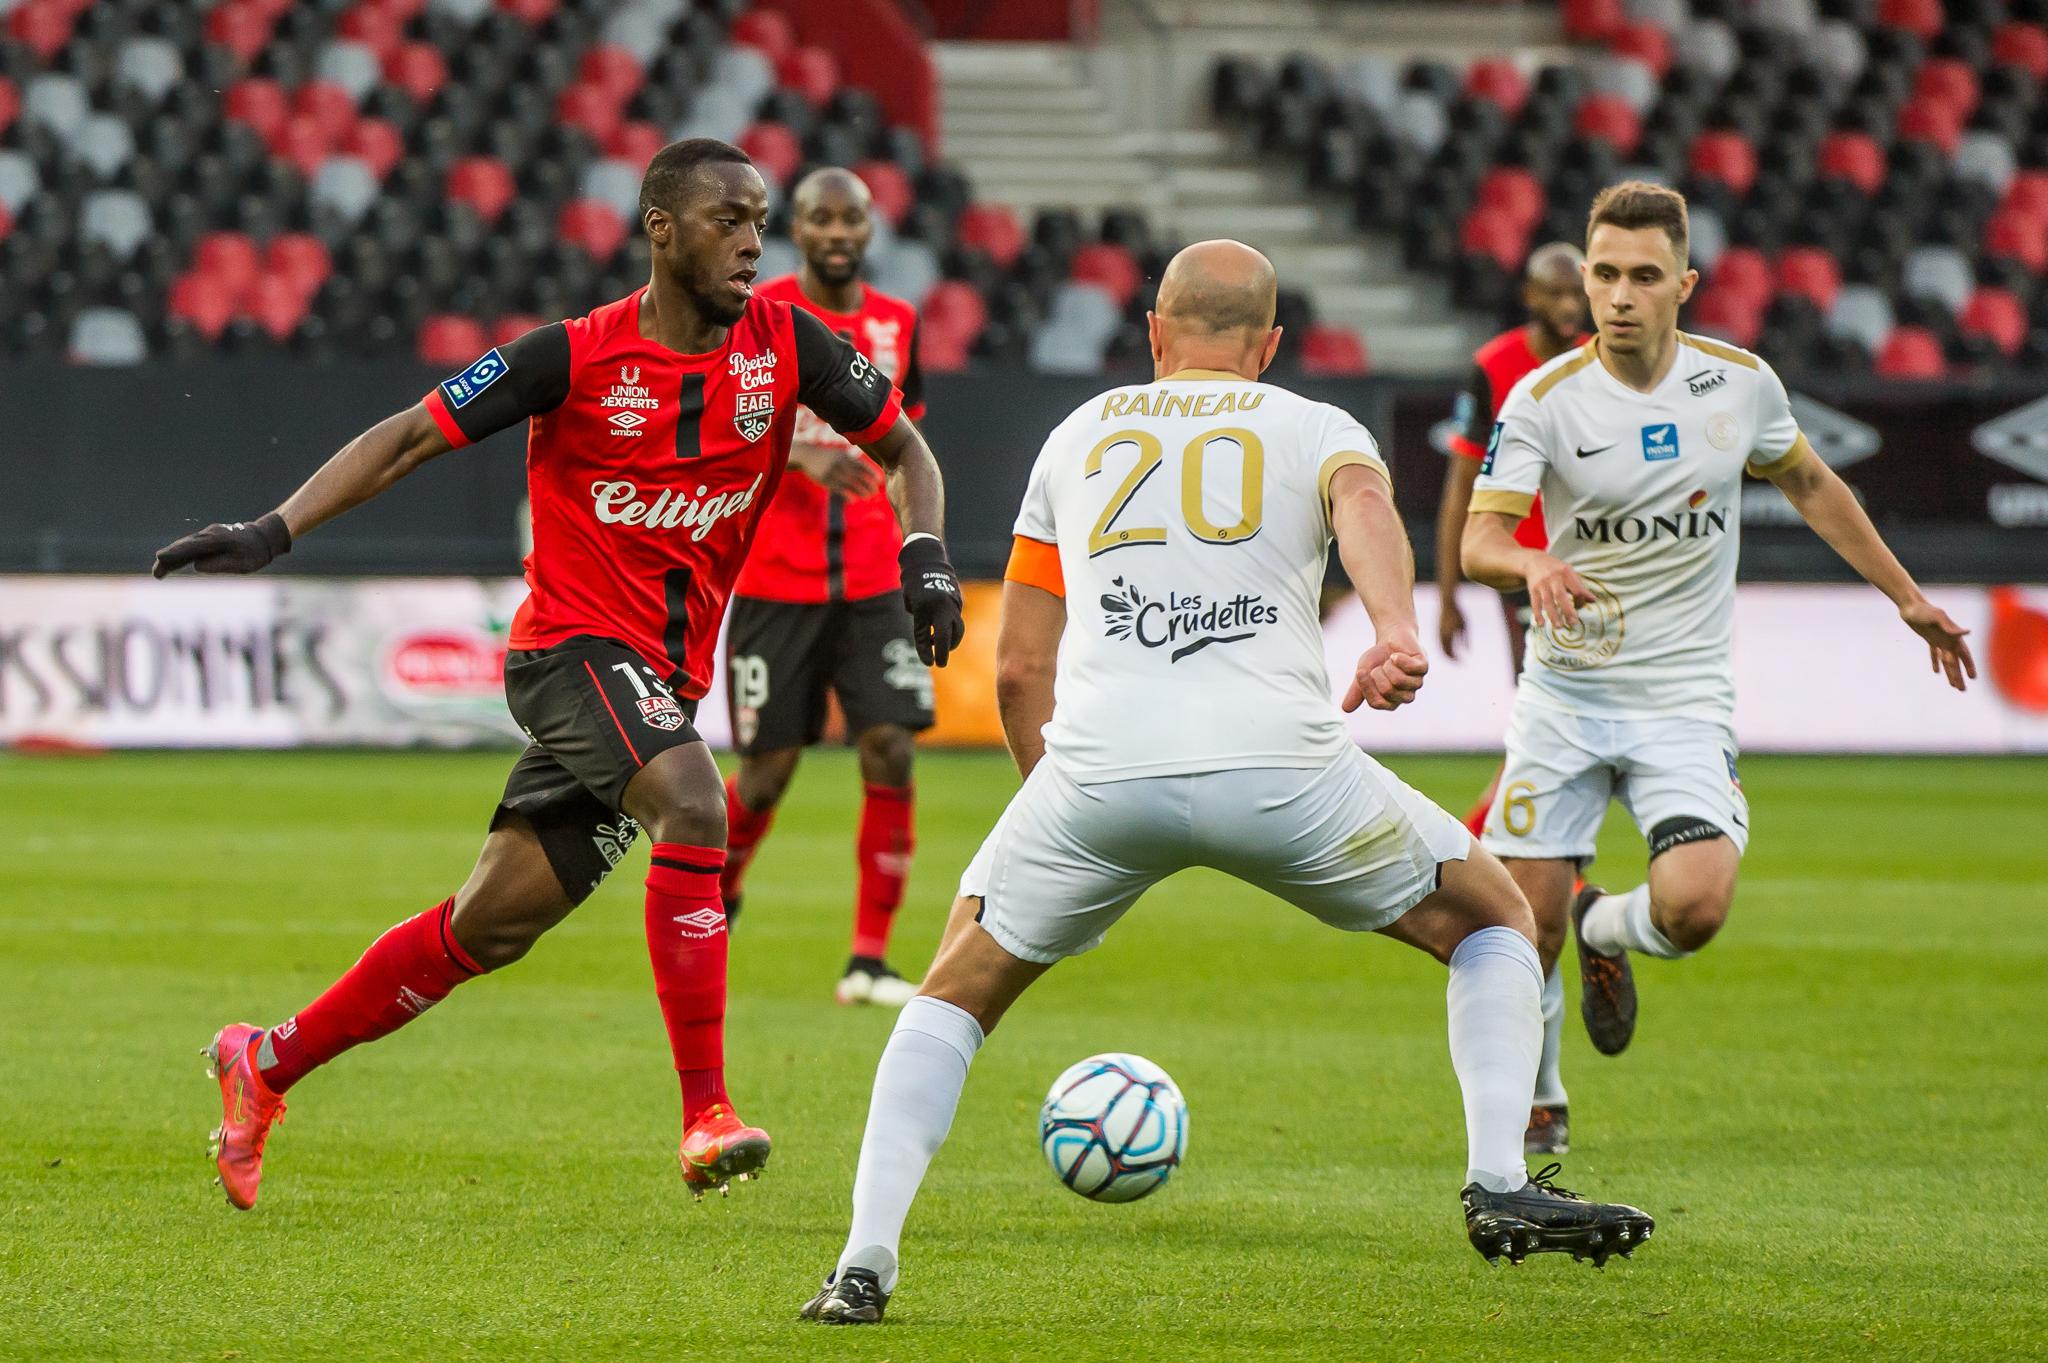 EA Guingamp La Berrichonne Châteauroux J37 Ligue 2 BKT EAGLBC 2-0 Stade de Roudourou FRA_5604